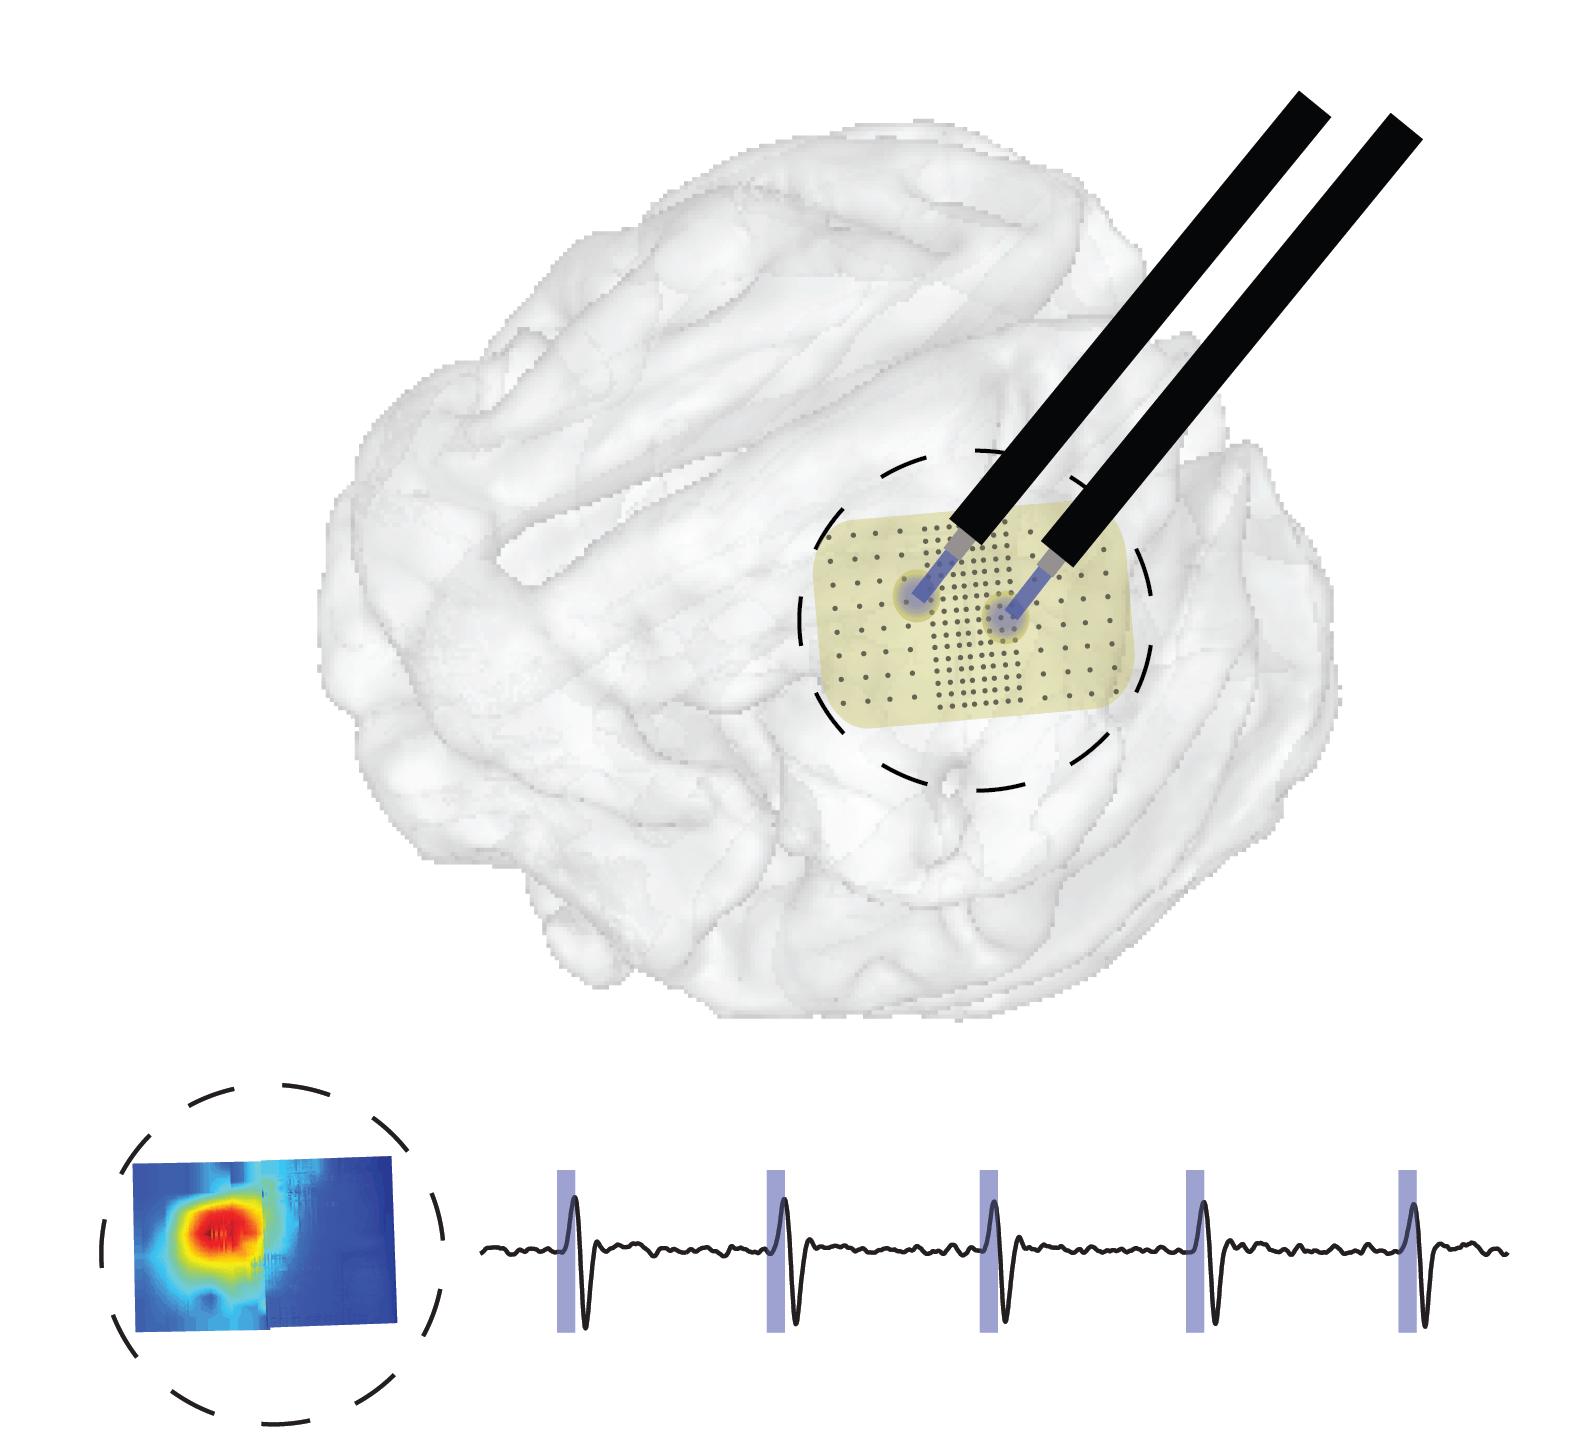 Large scale ontogenetic interface